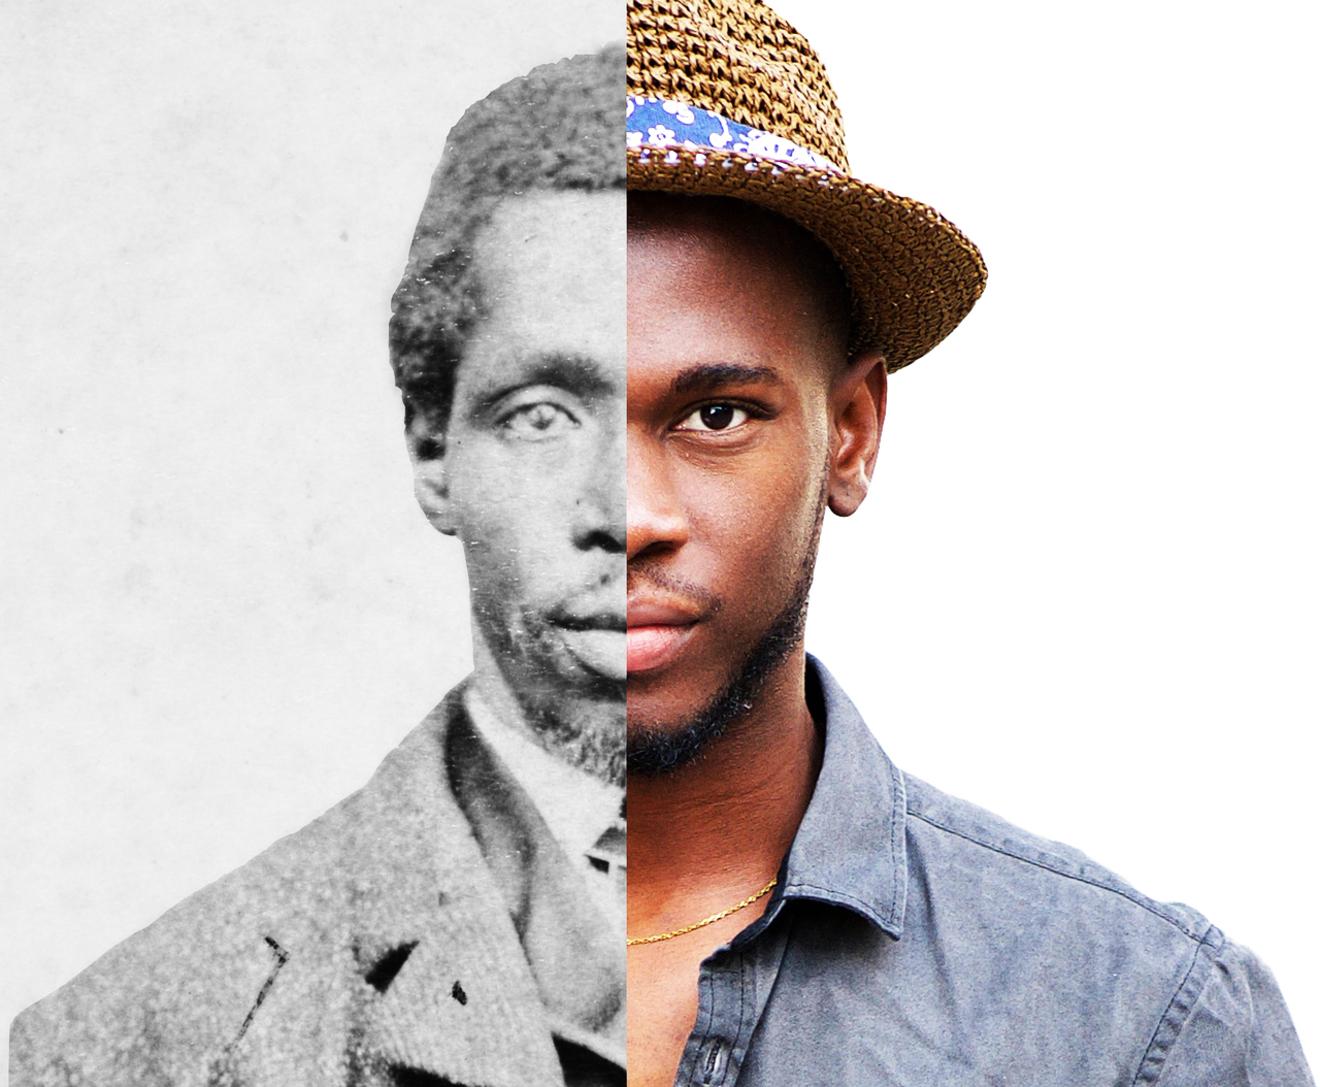 アメリカ黒人差別の「起源」に迫る!この3冊で、黒人の歴史を学べる。